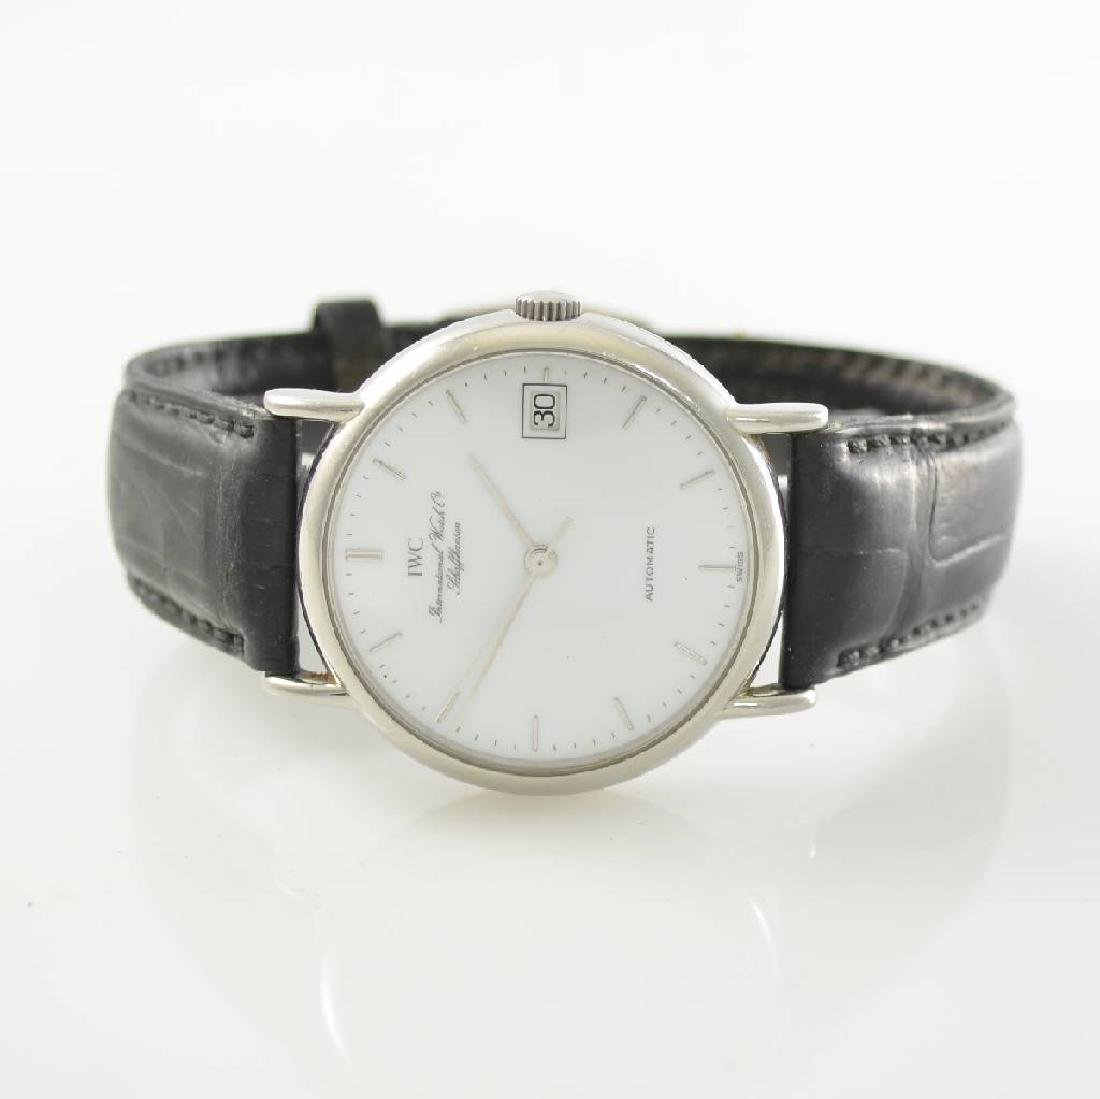 IWC Portofino wristwatch in stainless steel